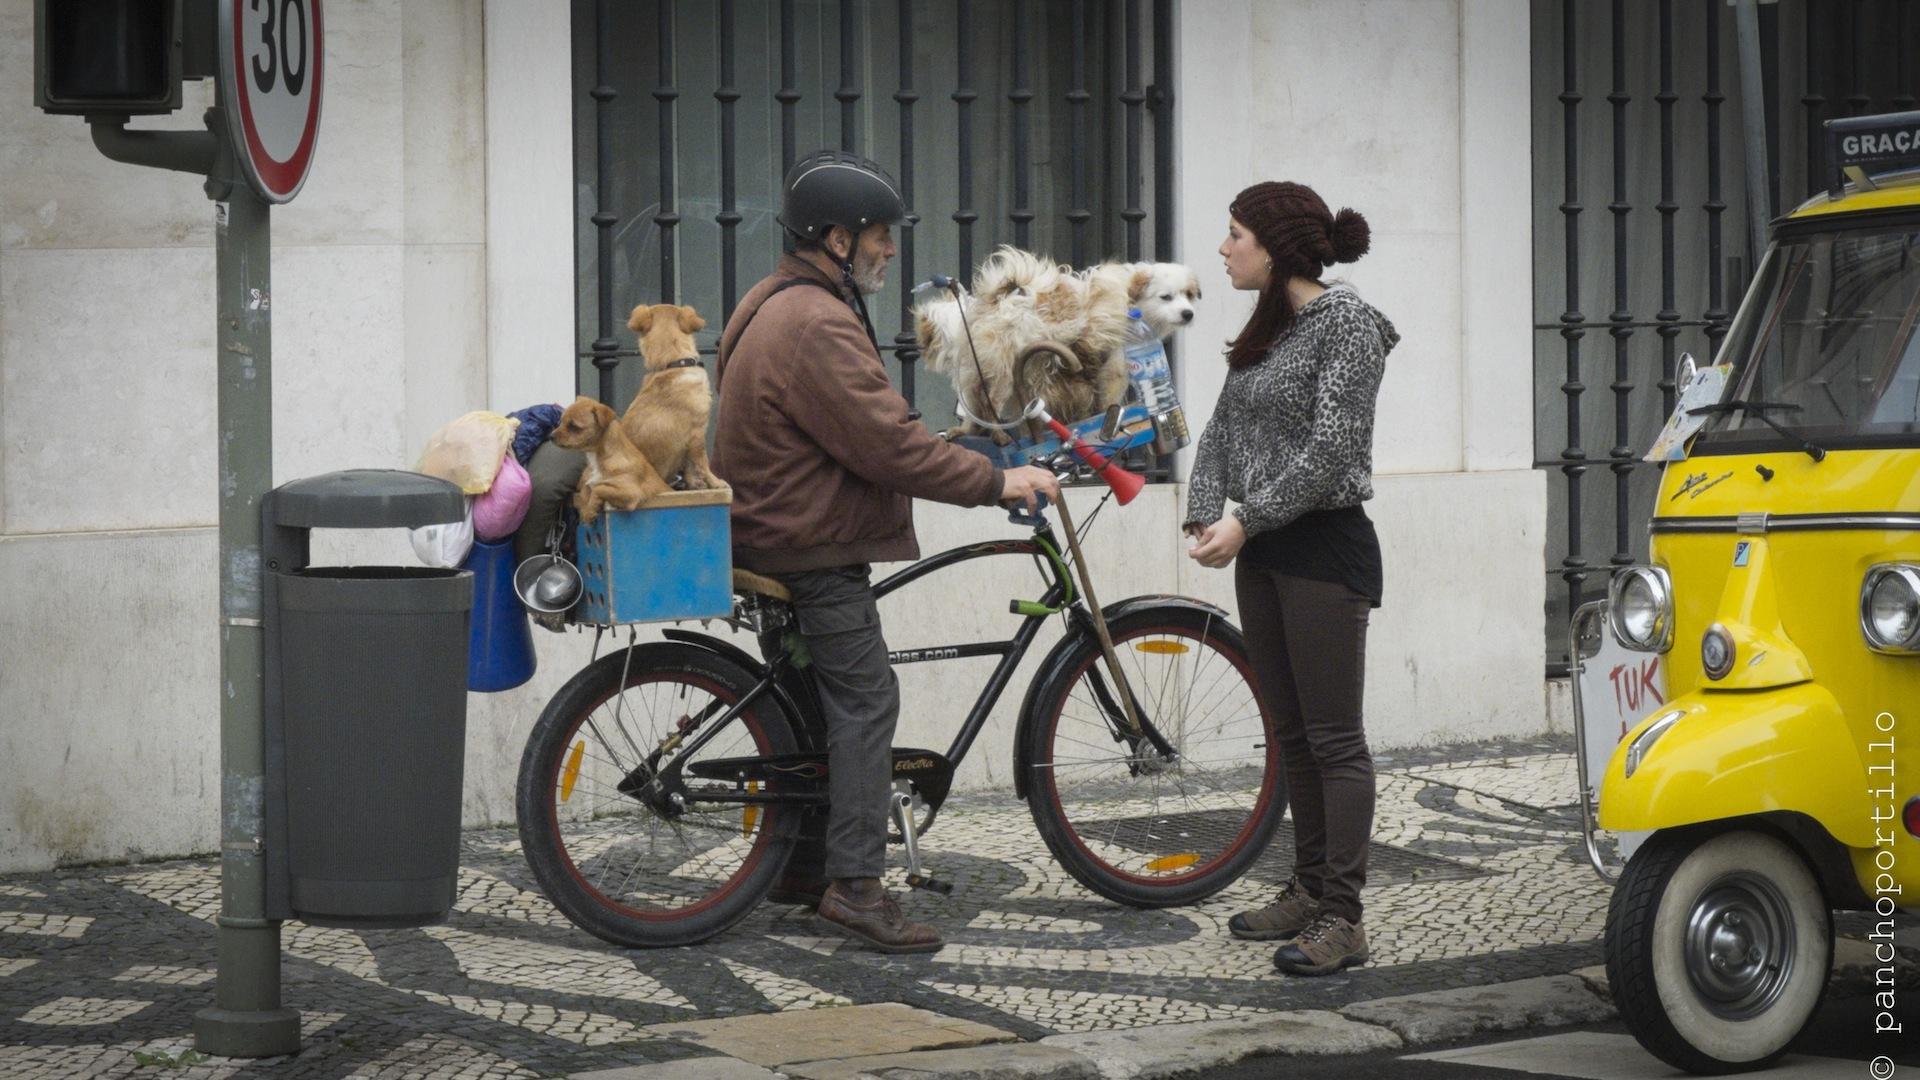 Lisboa-06-PP@140202-8